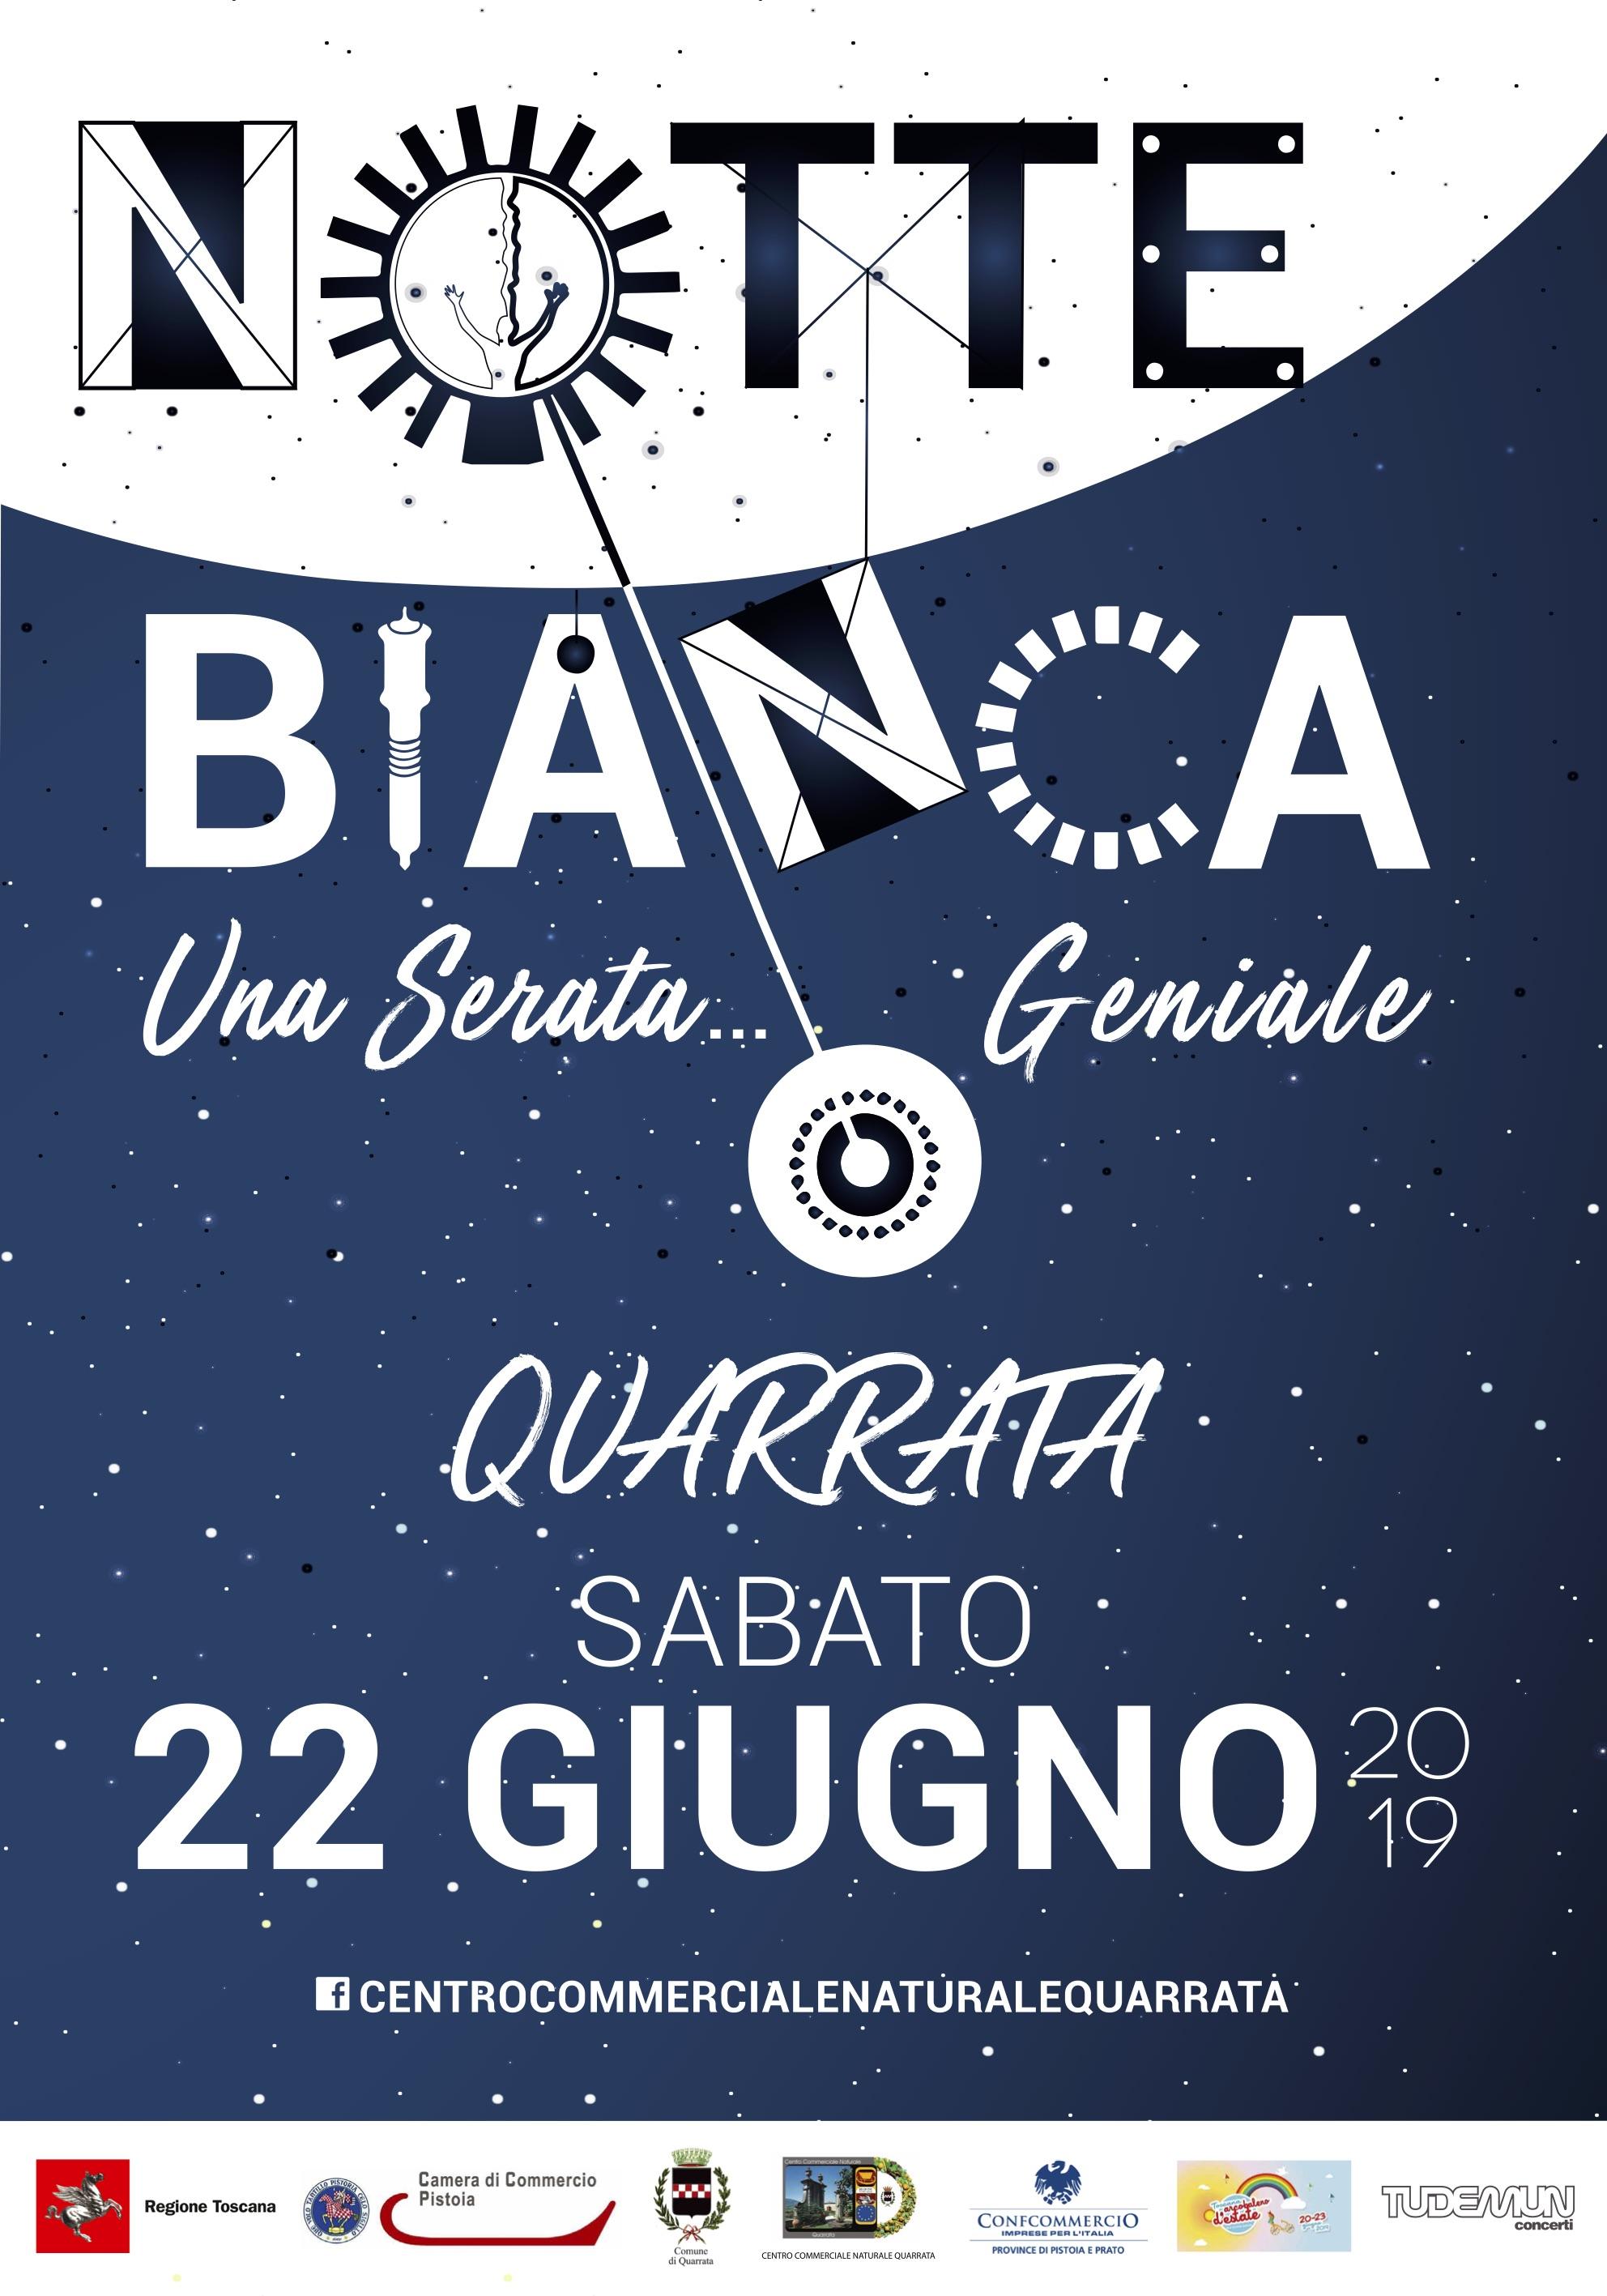 Notte Bianca Quarrata 2019_70x100